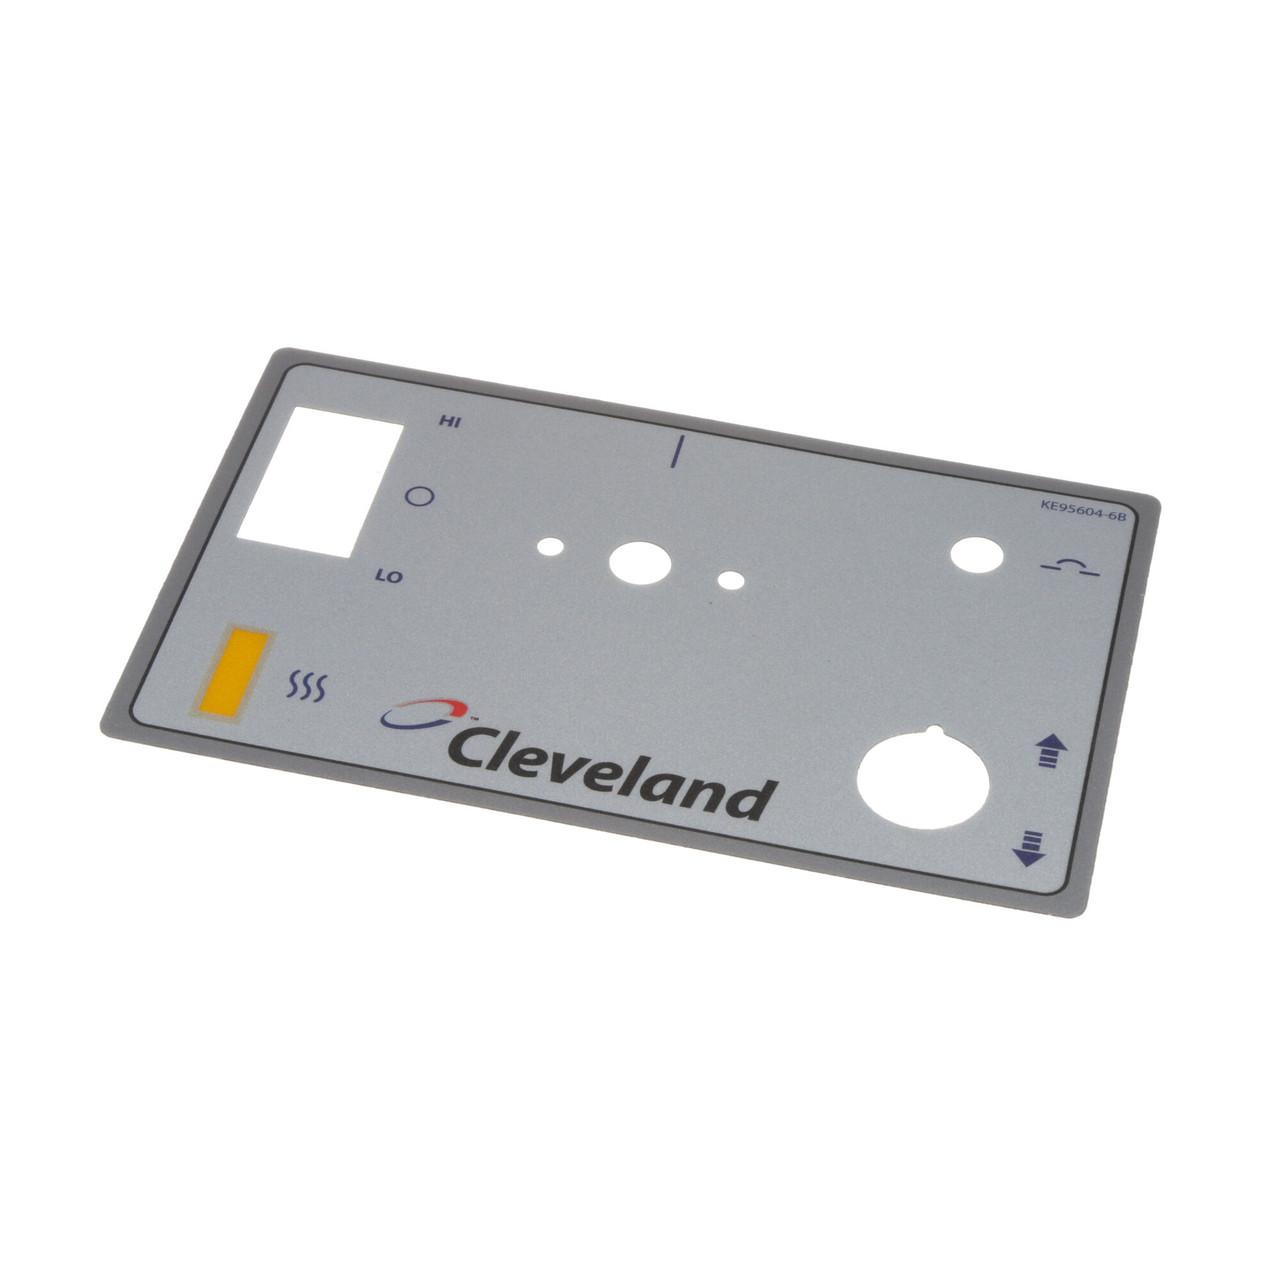 Cleveland Operating Label Overlay CLEKE95604-3